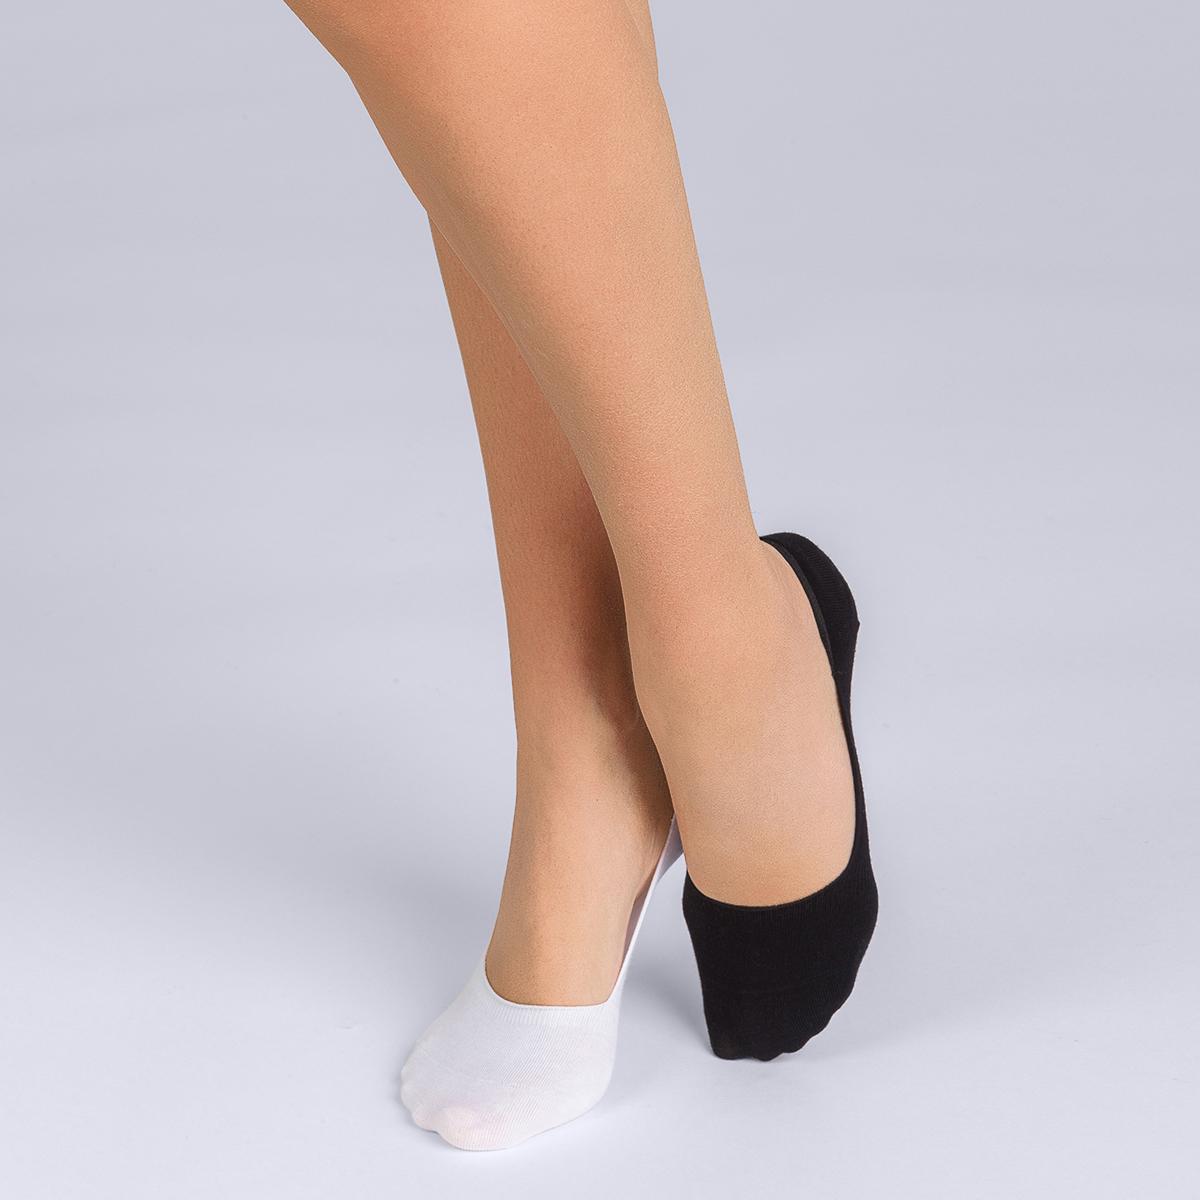 Lot de 2 protège-pieds coton noir et blanc Femme Basic Coton